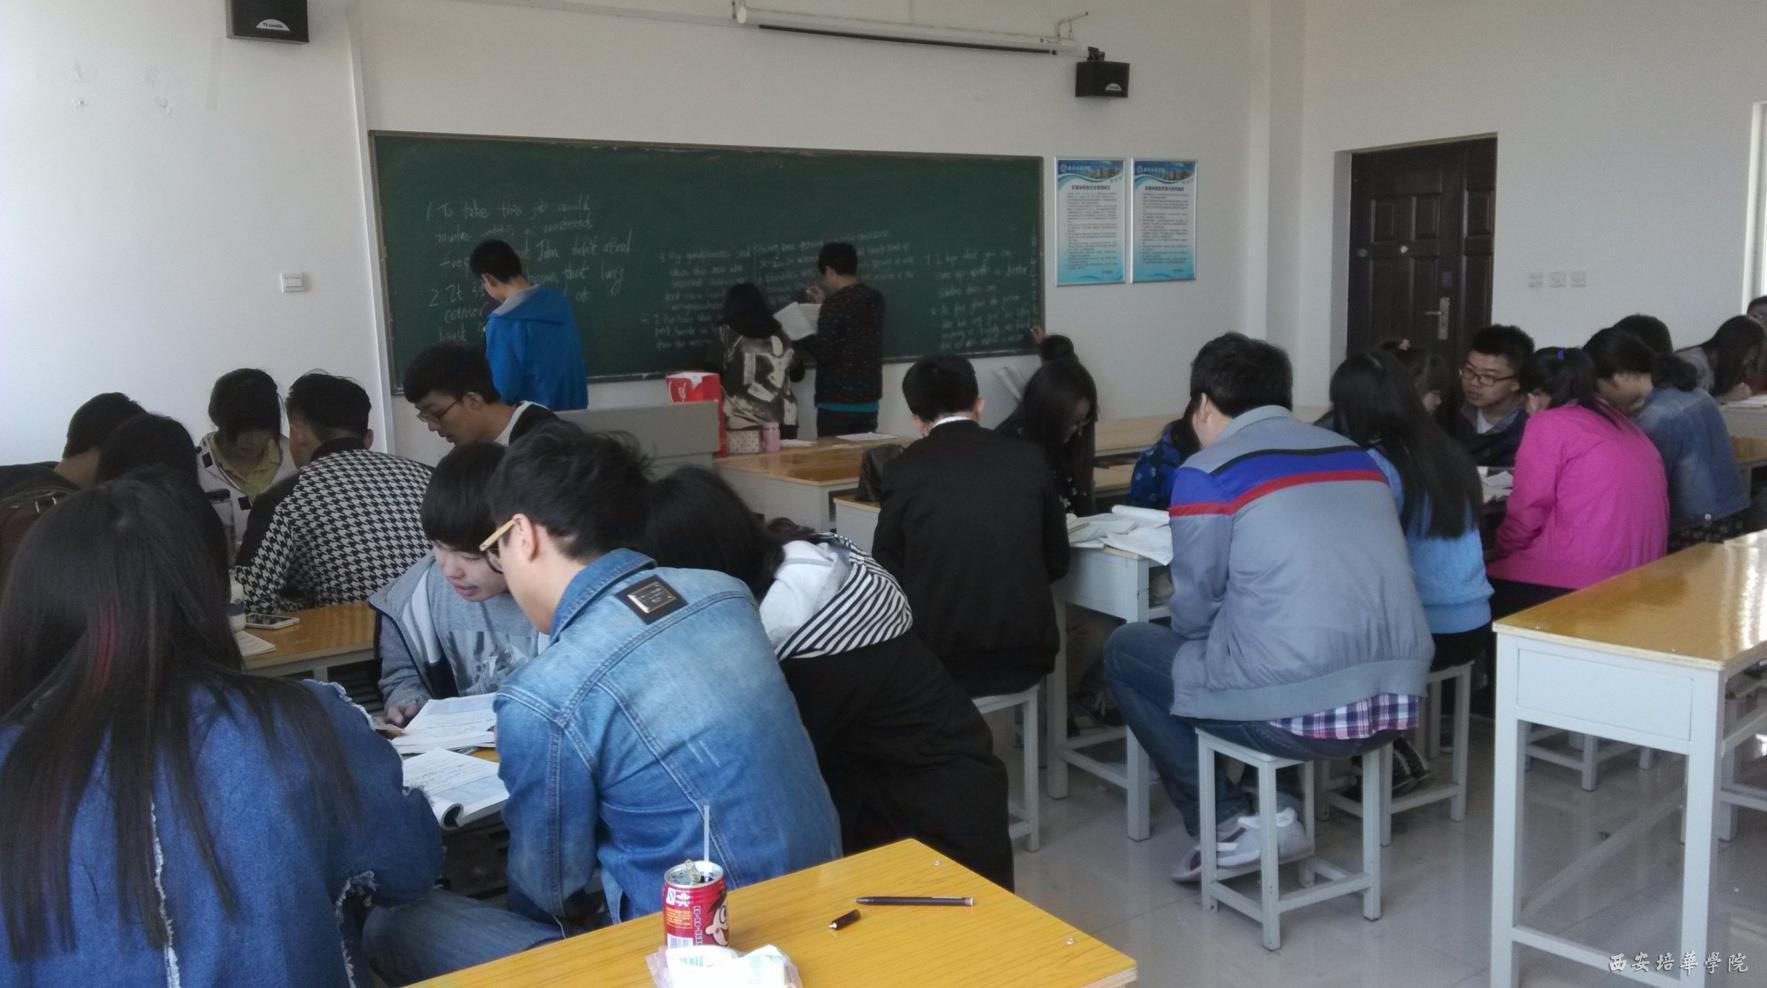 《大学英语》课堂的分组讨论和小组合作学习